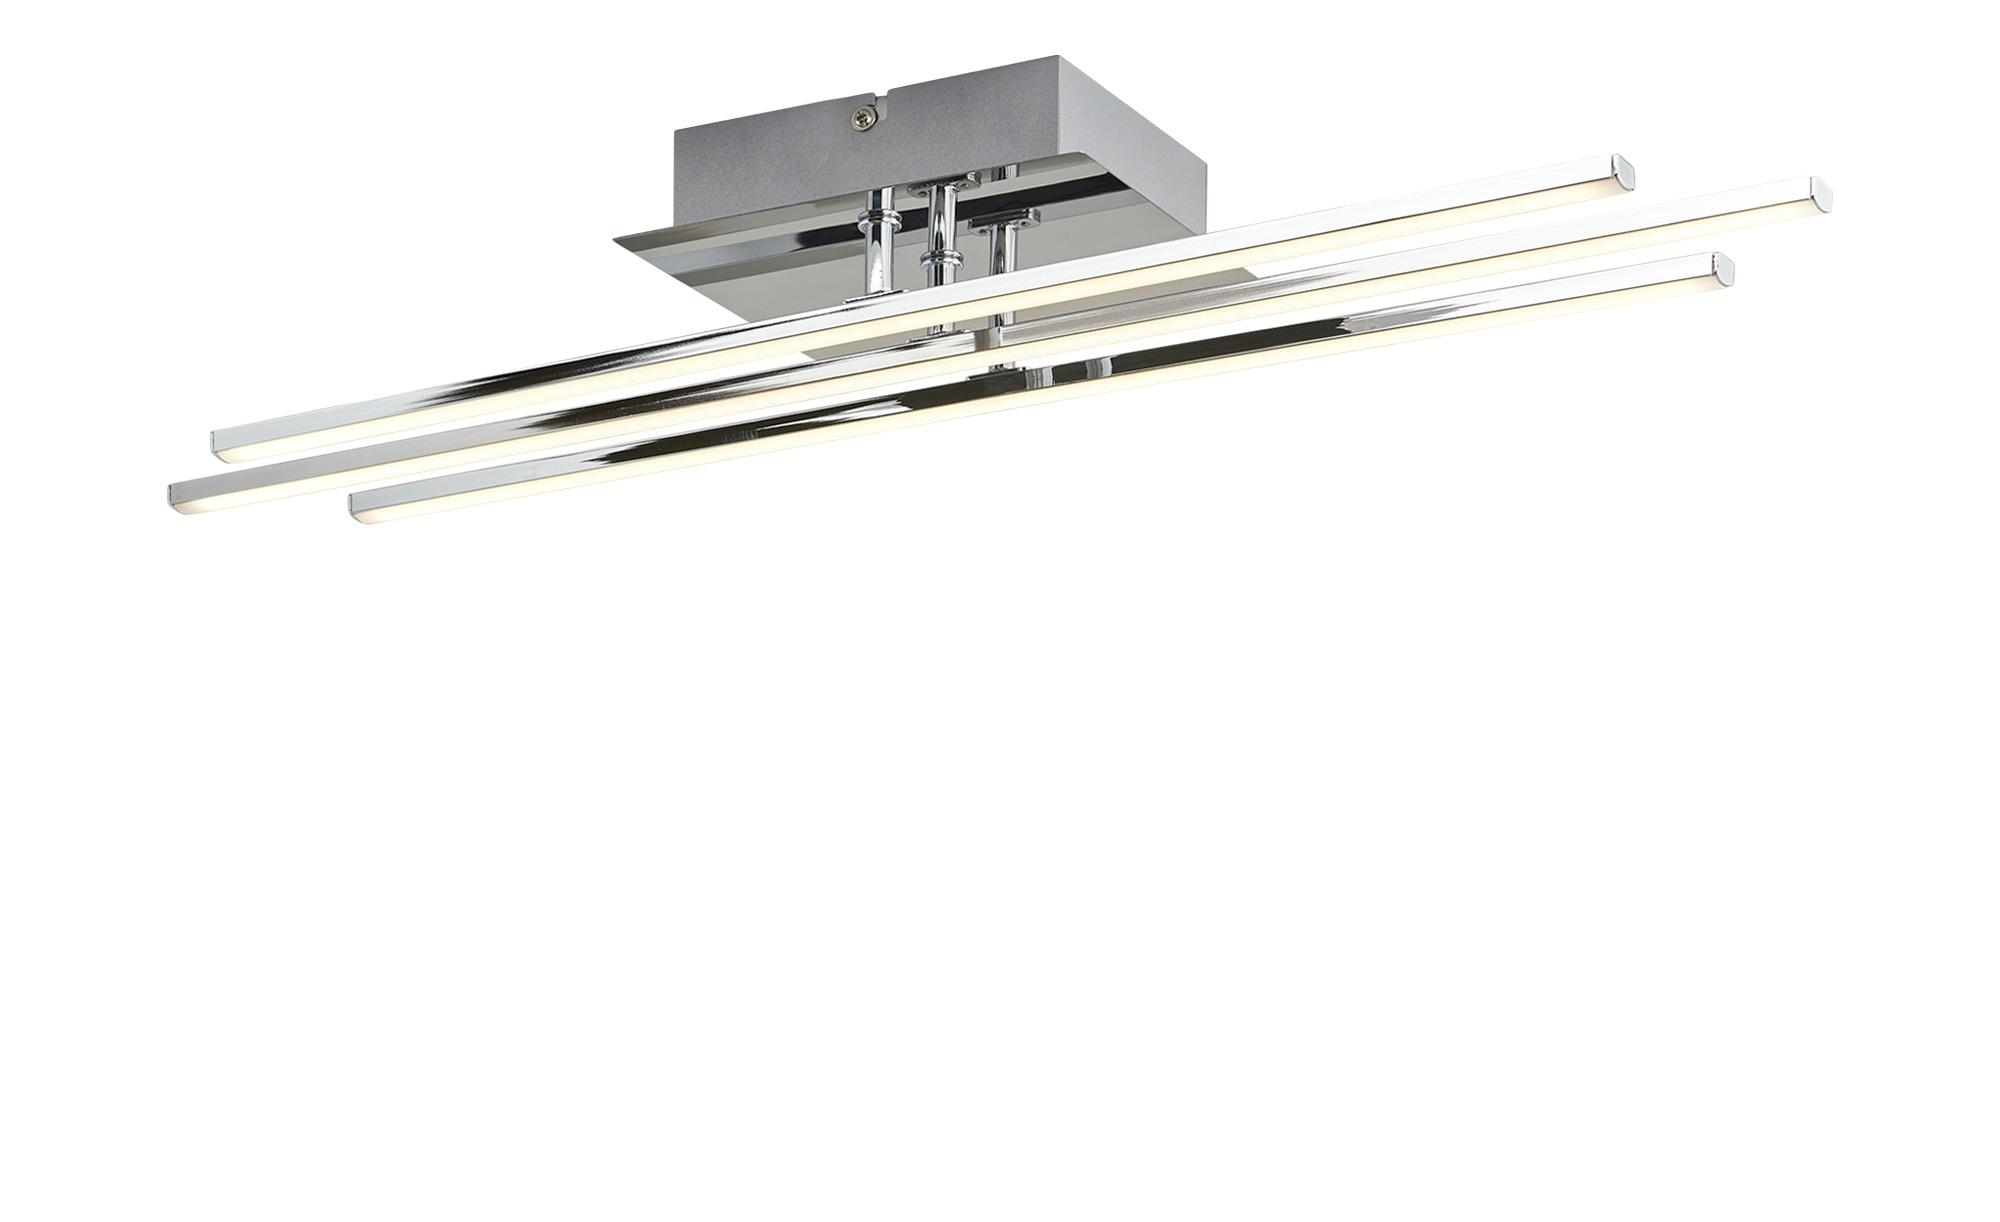 KHG LED-Deckenleuchte, 3-flammig chrom ¦ silber ¦ Maße (cm): B: 12 H: 4,5 Lampen & Leuchten > Innenleuchten > Deckenleuchten - Höffner